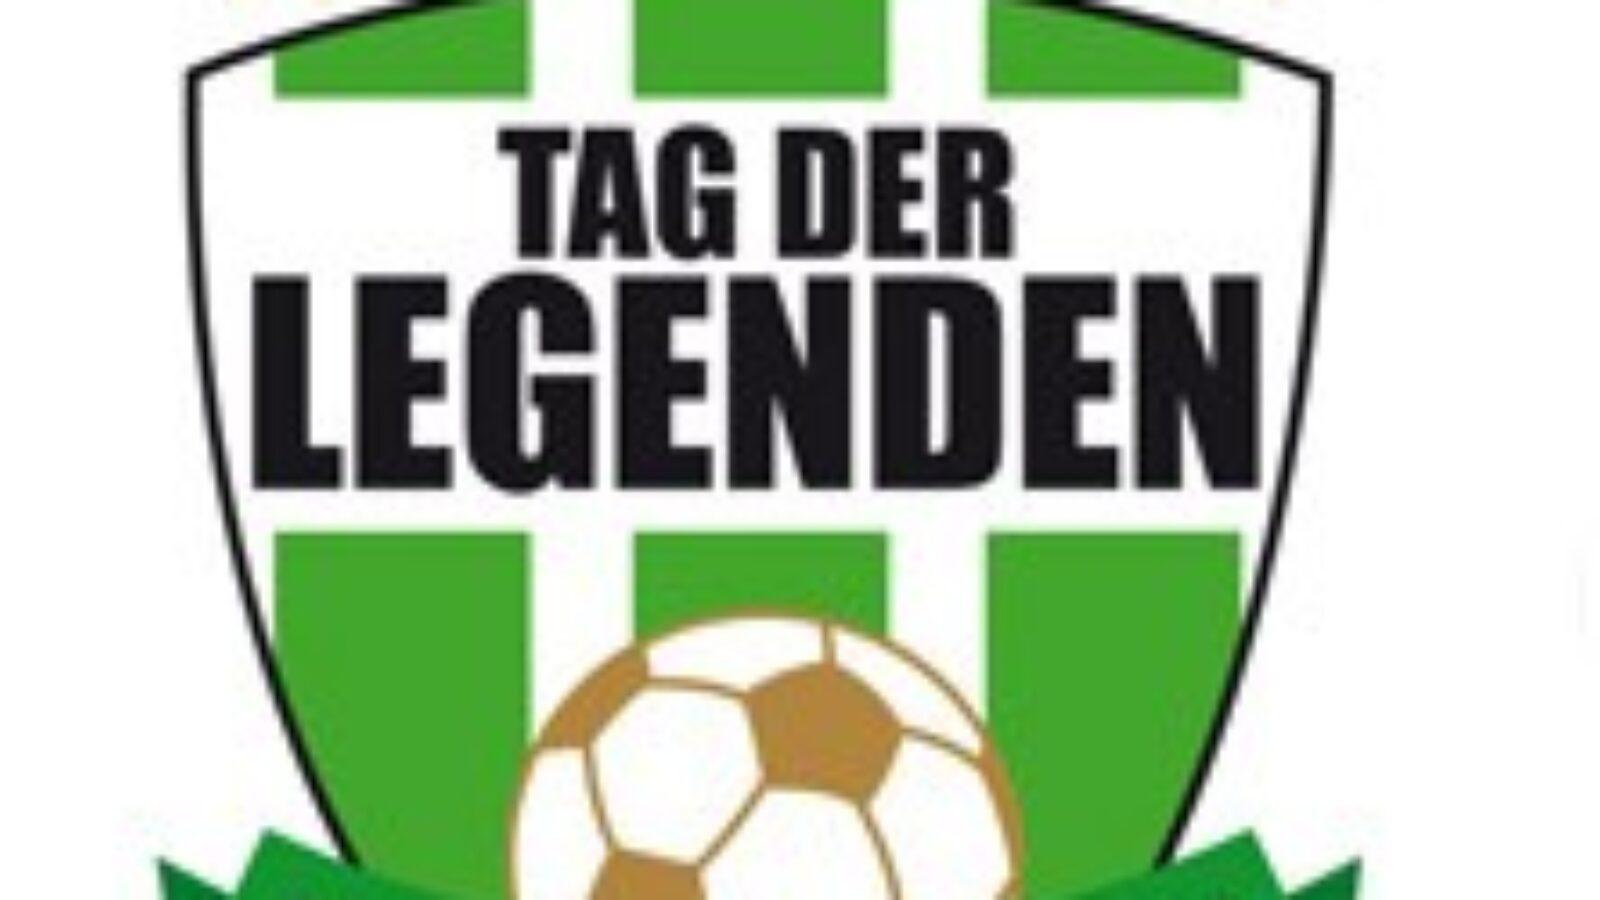 tag-der-legenden-tickets-2016